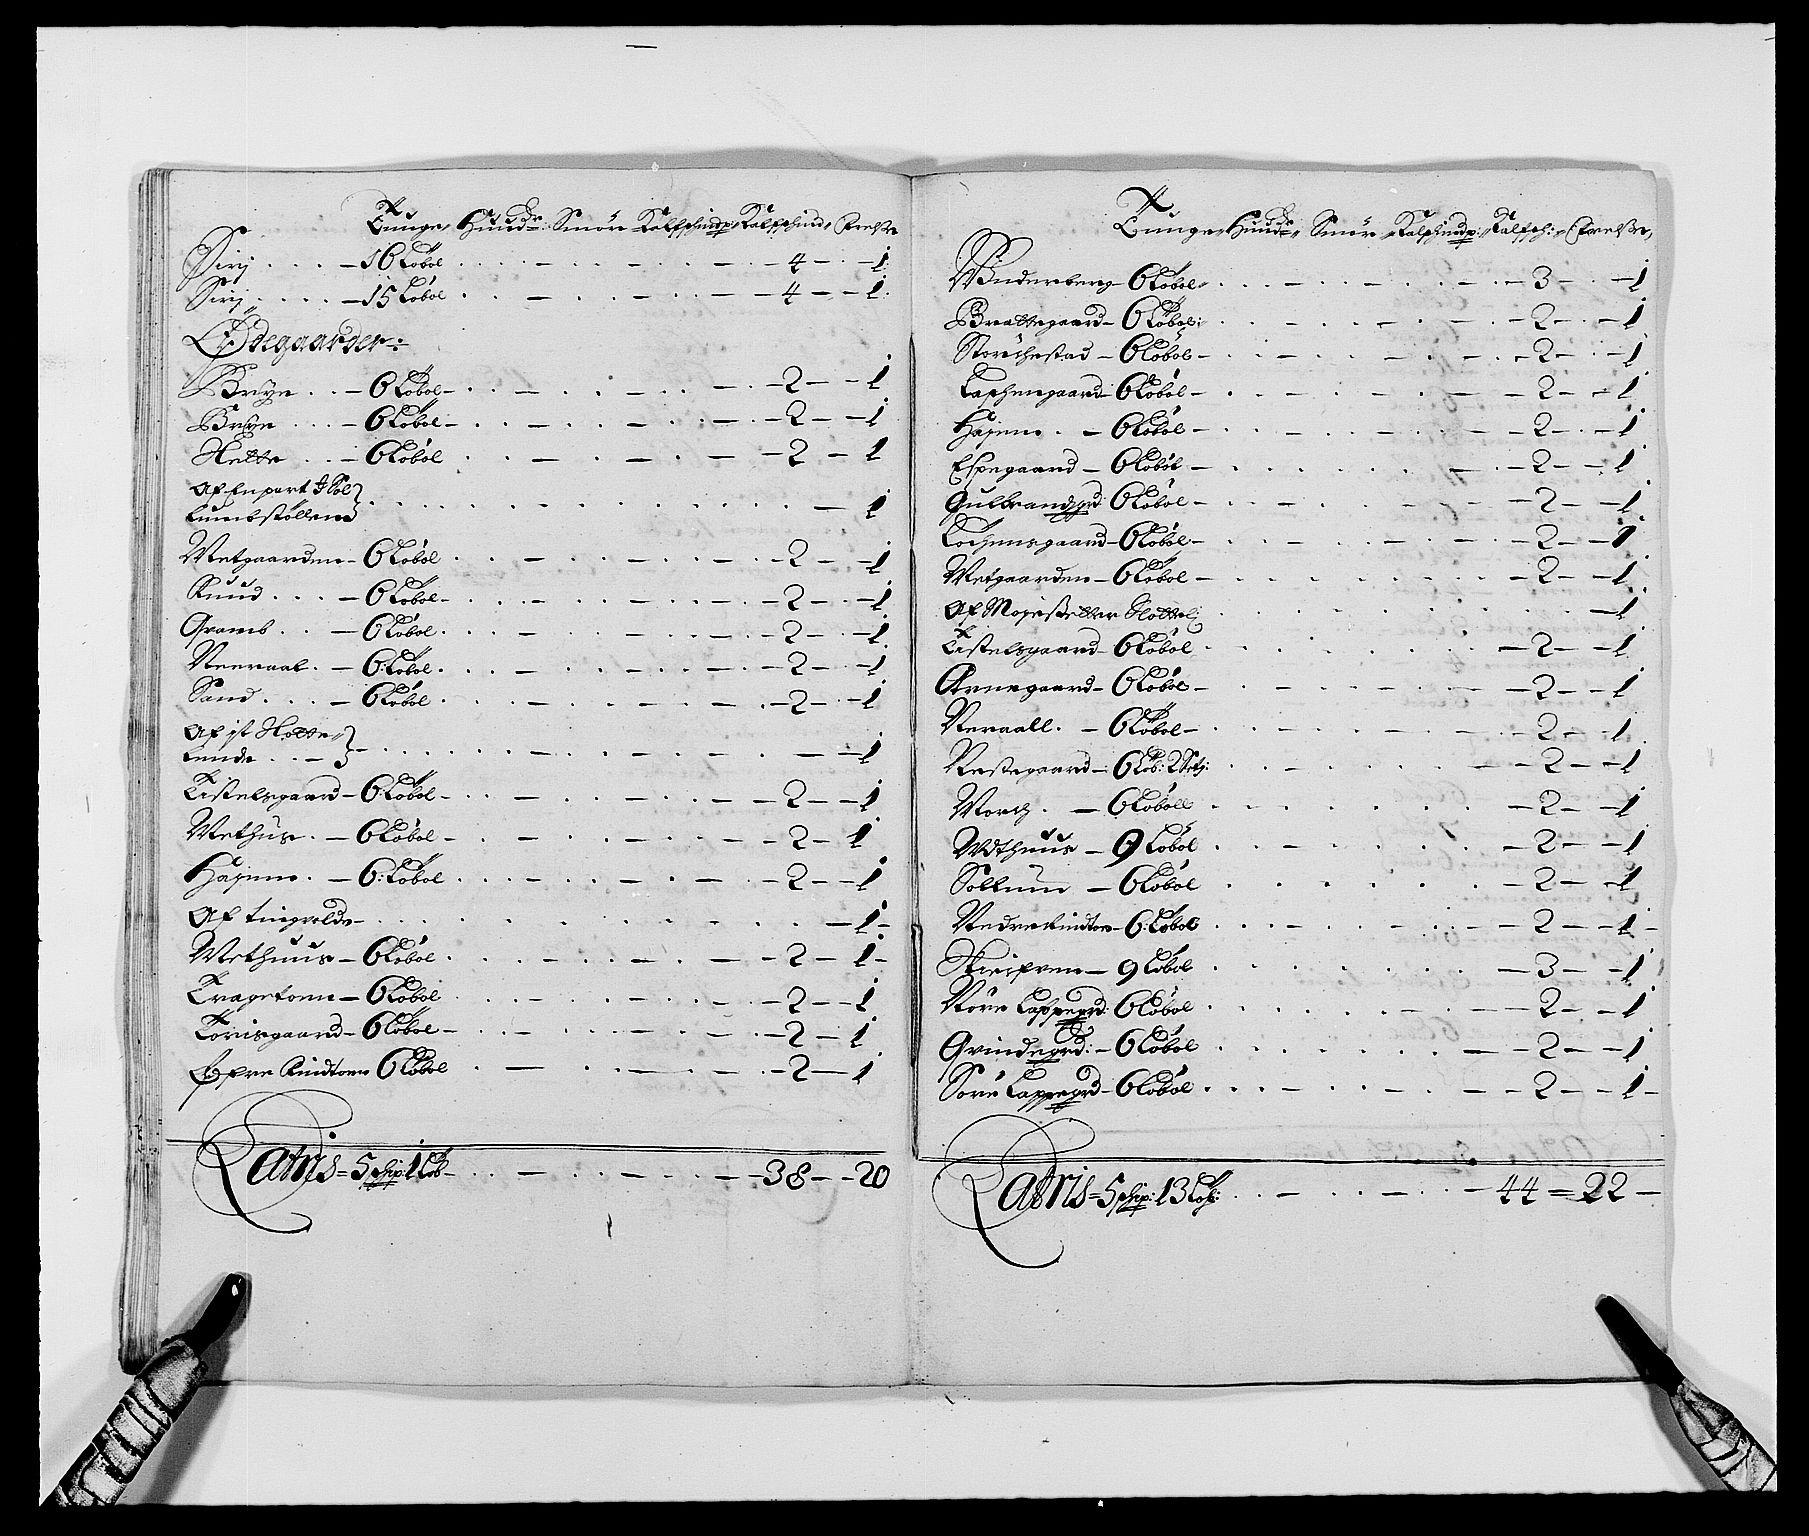 RA, Rentekammeret inntil 1814, Reviderte regnskaper, Fogderegnskap, R21/L1447: Fogderegnskap Ringerike og Hallingdal, 1687-1689, s. 149